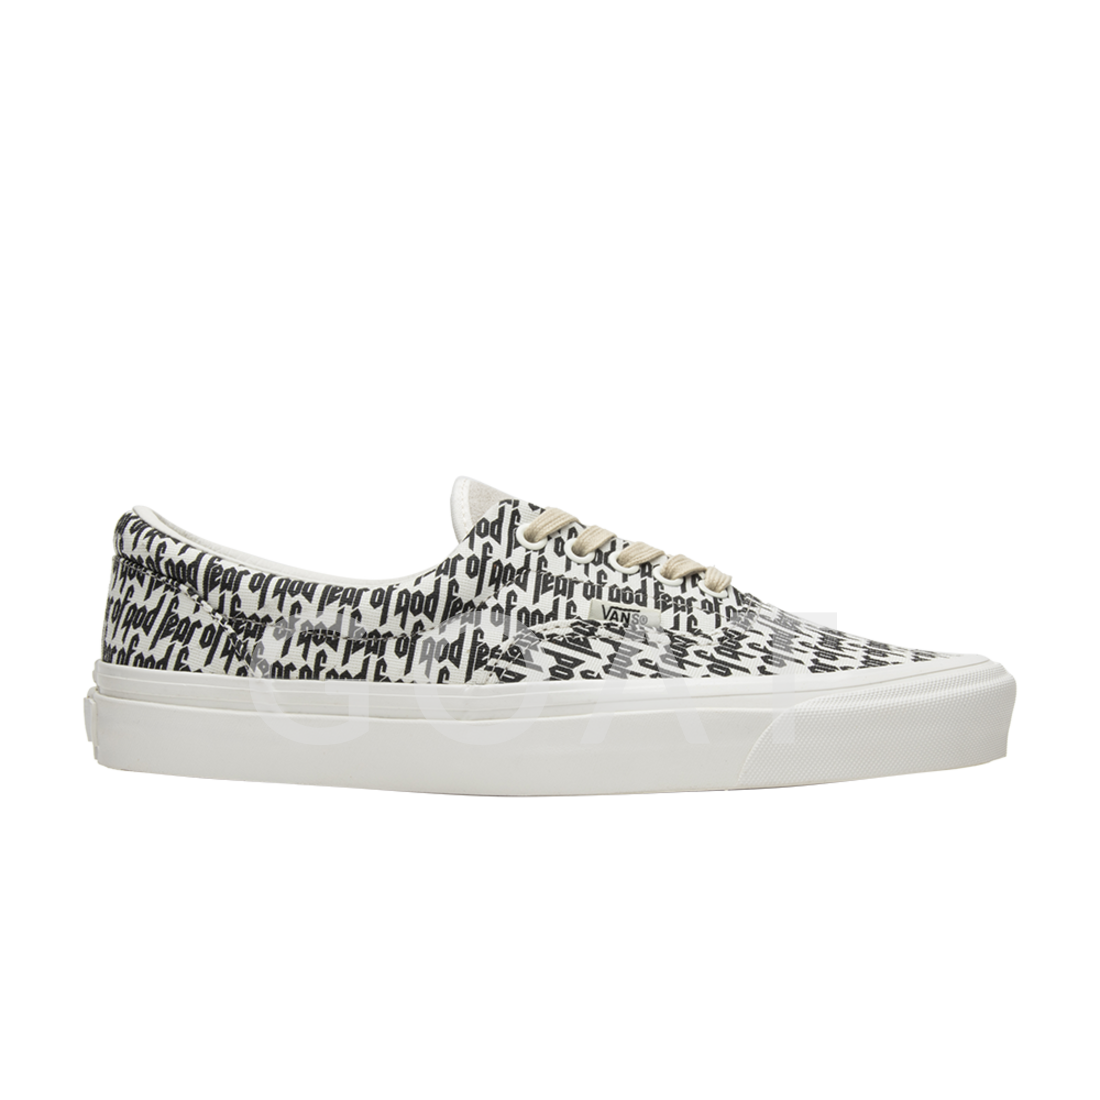 Fear Of God X Era 95 Reissue Marshmallow Vans Vn0a2xryml6 Goat Vans Sneakers Vans Classic Slip On Sneaker